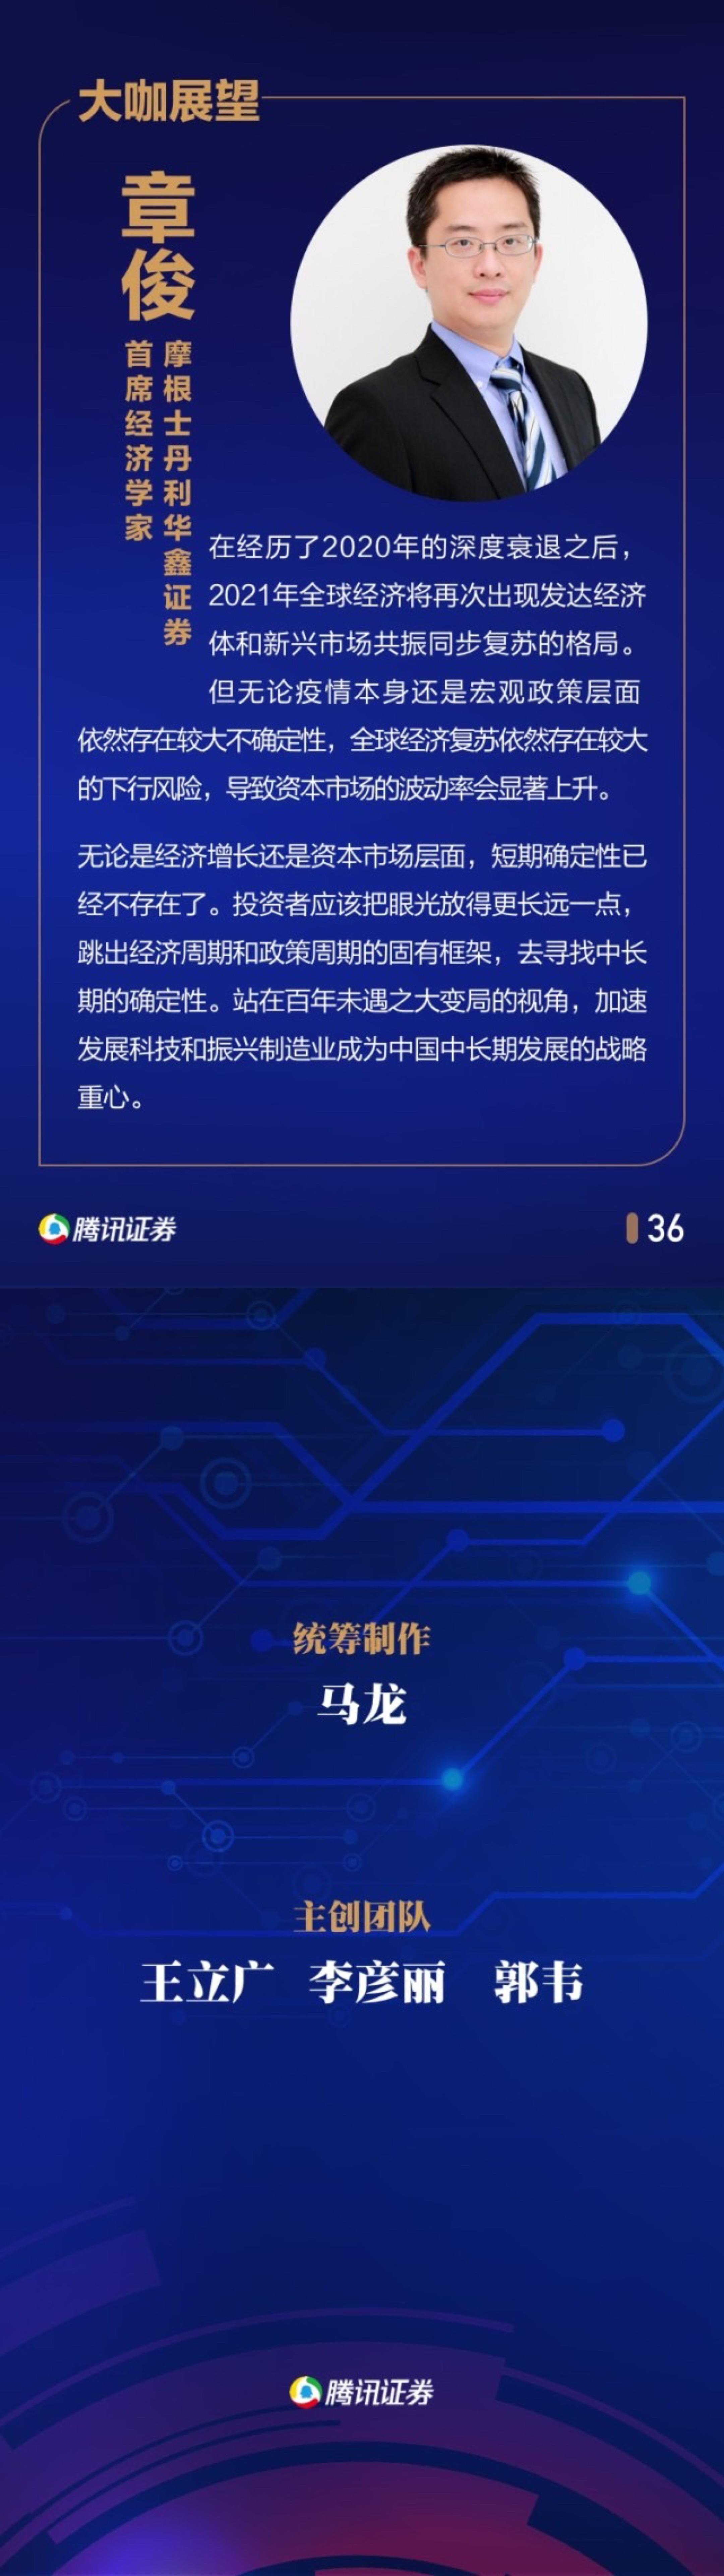 中国股民行为年度报告发布:1/4家庭拿出50%以上身家炒股